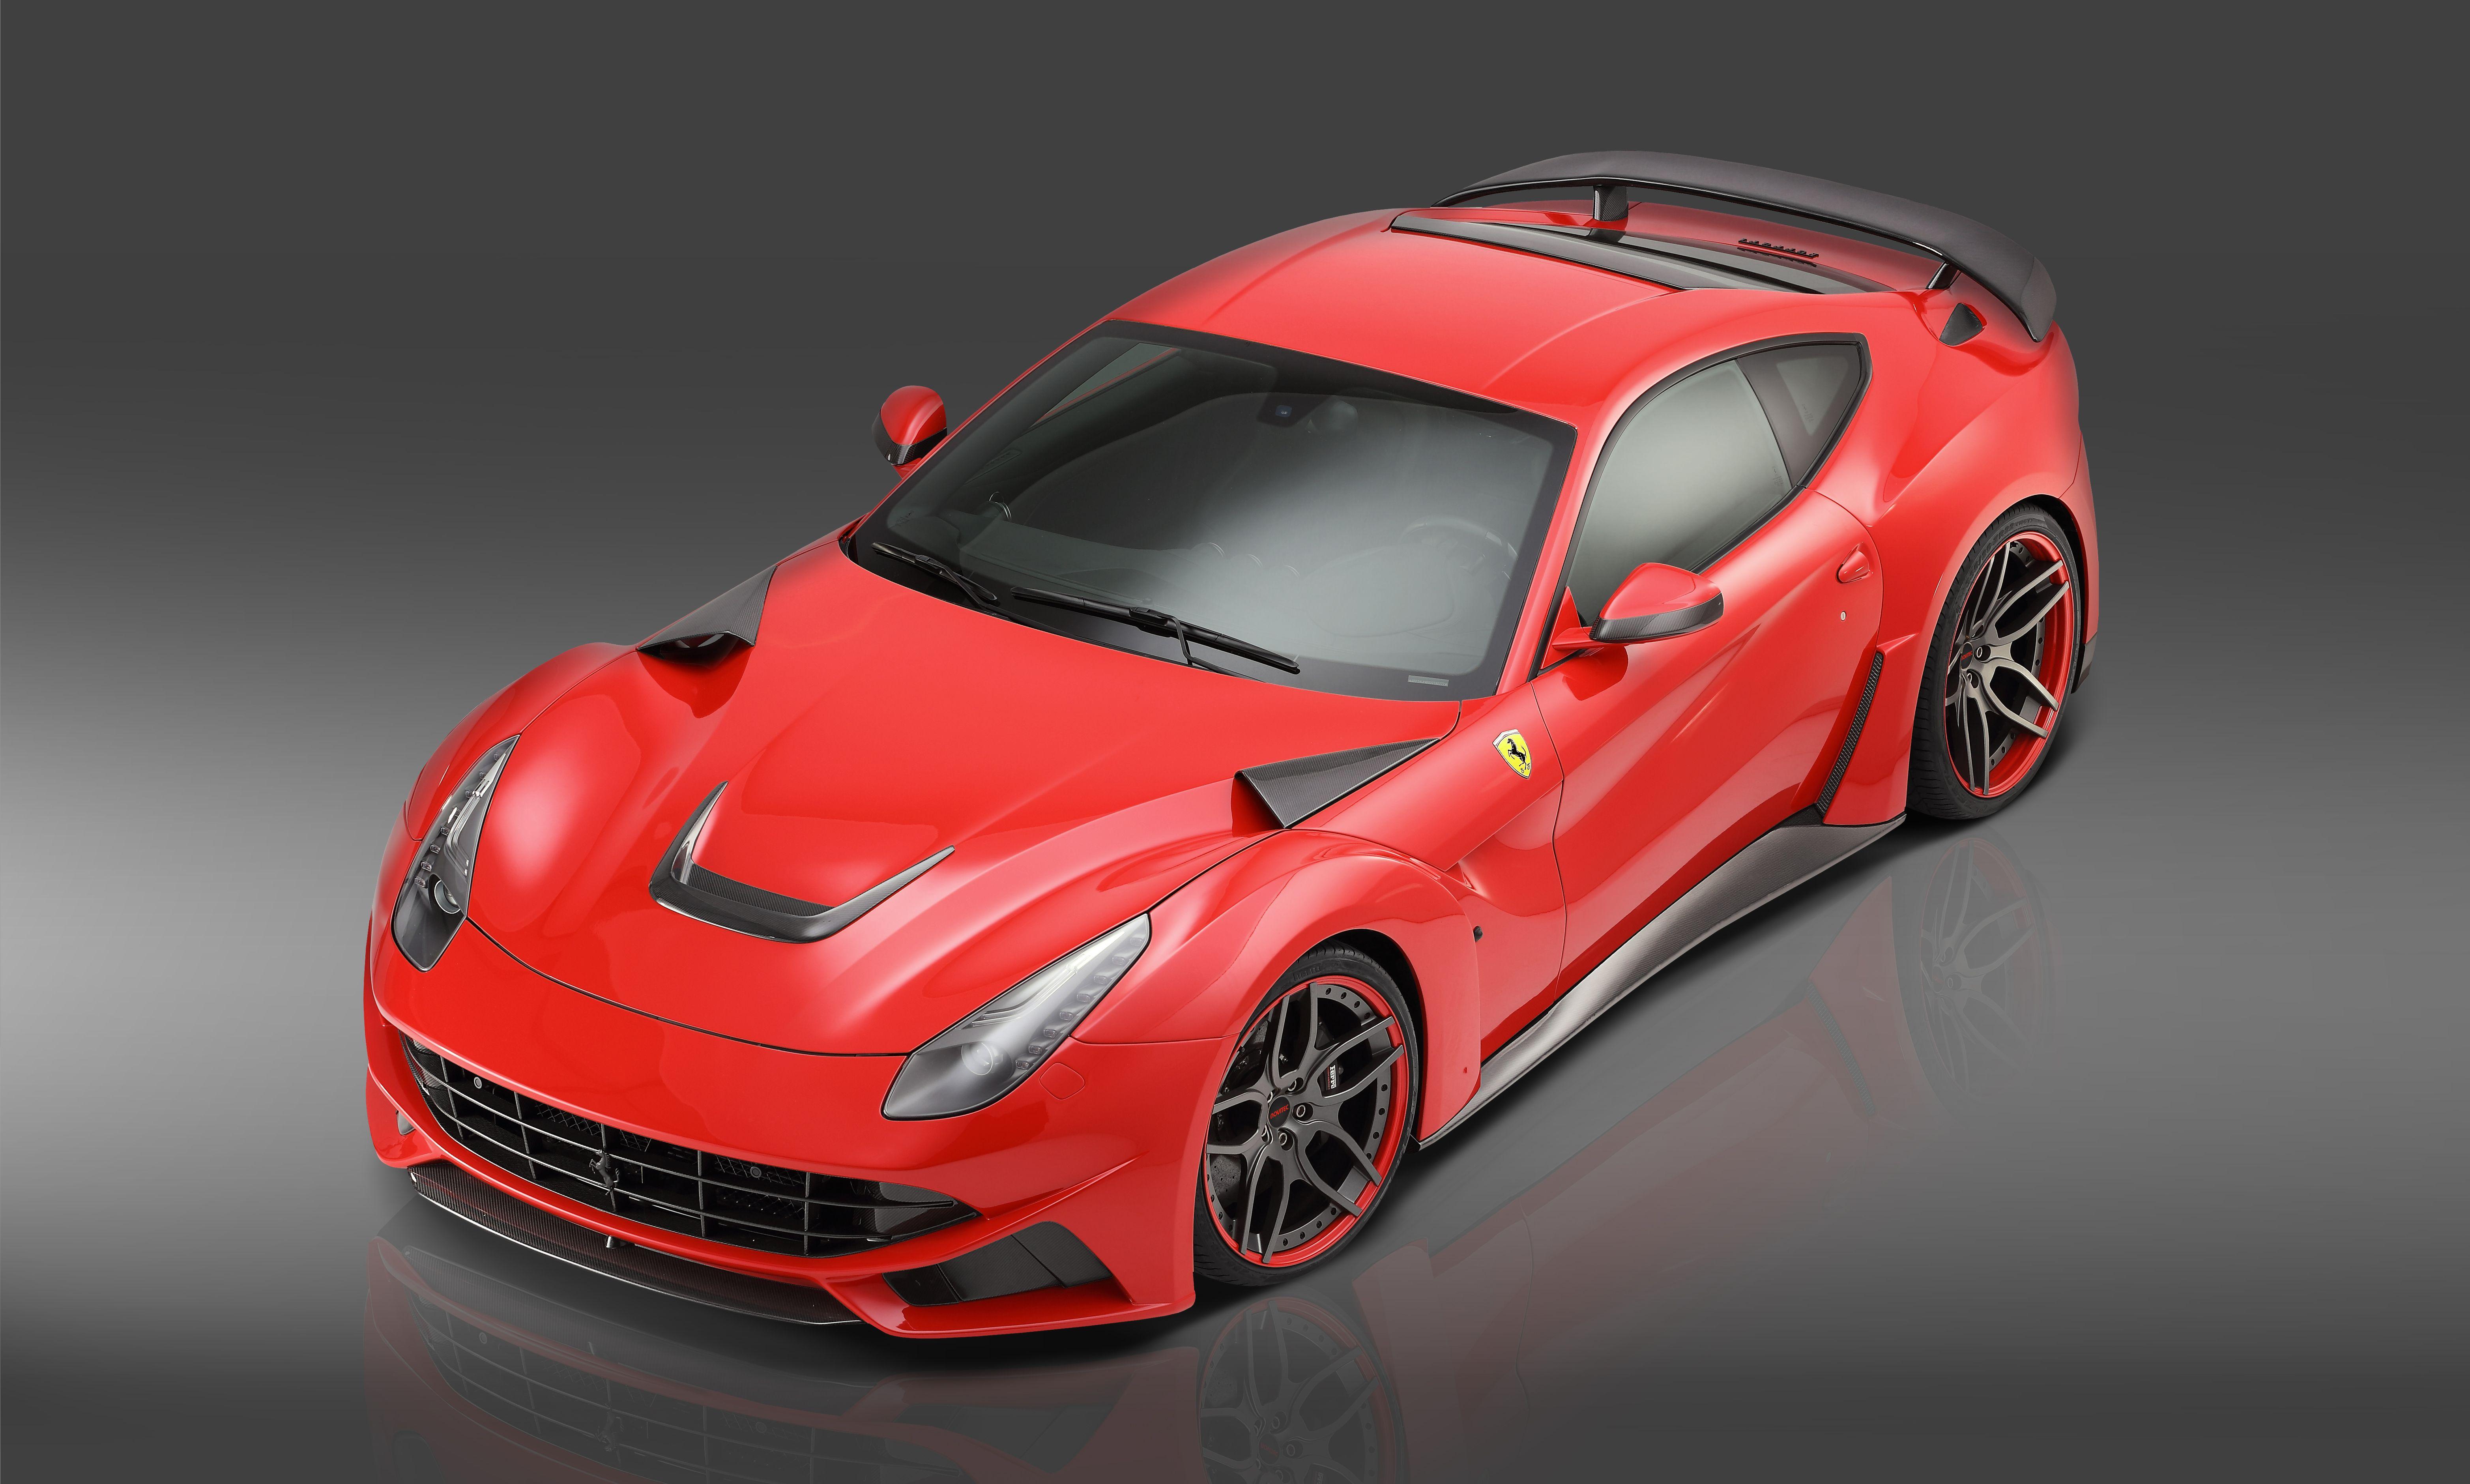 ferrari f12 n-largo wide body kit. | coche | pinterest | wide body